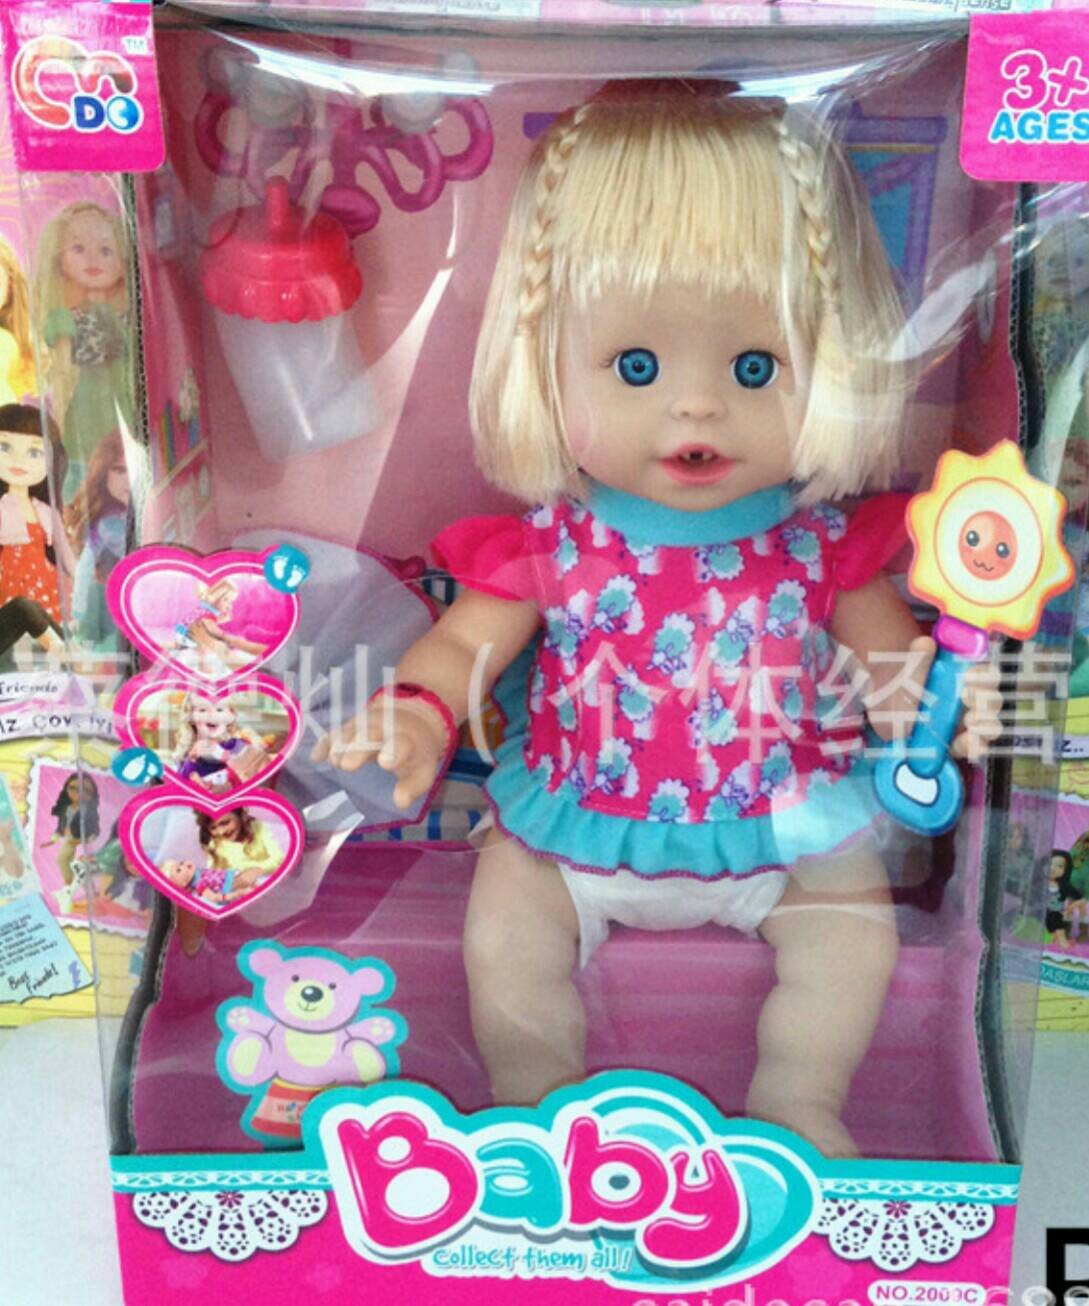 ตุ๊กตาน่ารักม๊าก ๆ เลยนะคะ มาพร้อมขวดน้ำและแพมเพอส ไว้ฝึกน้อง ๆ นู๋ ๆ หัดเลี้ยงน้องค่ะ